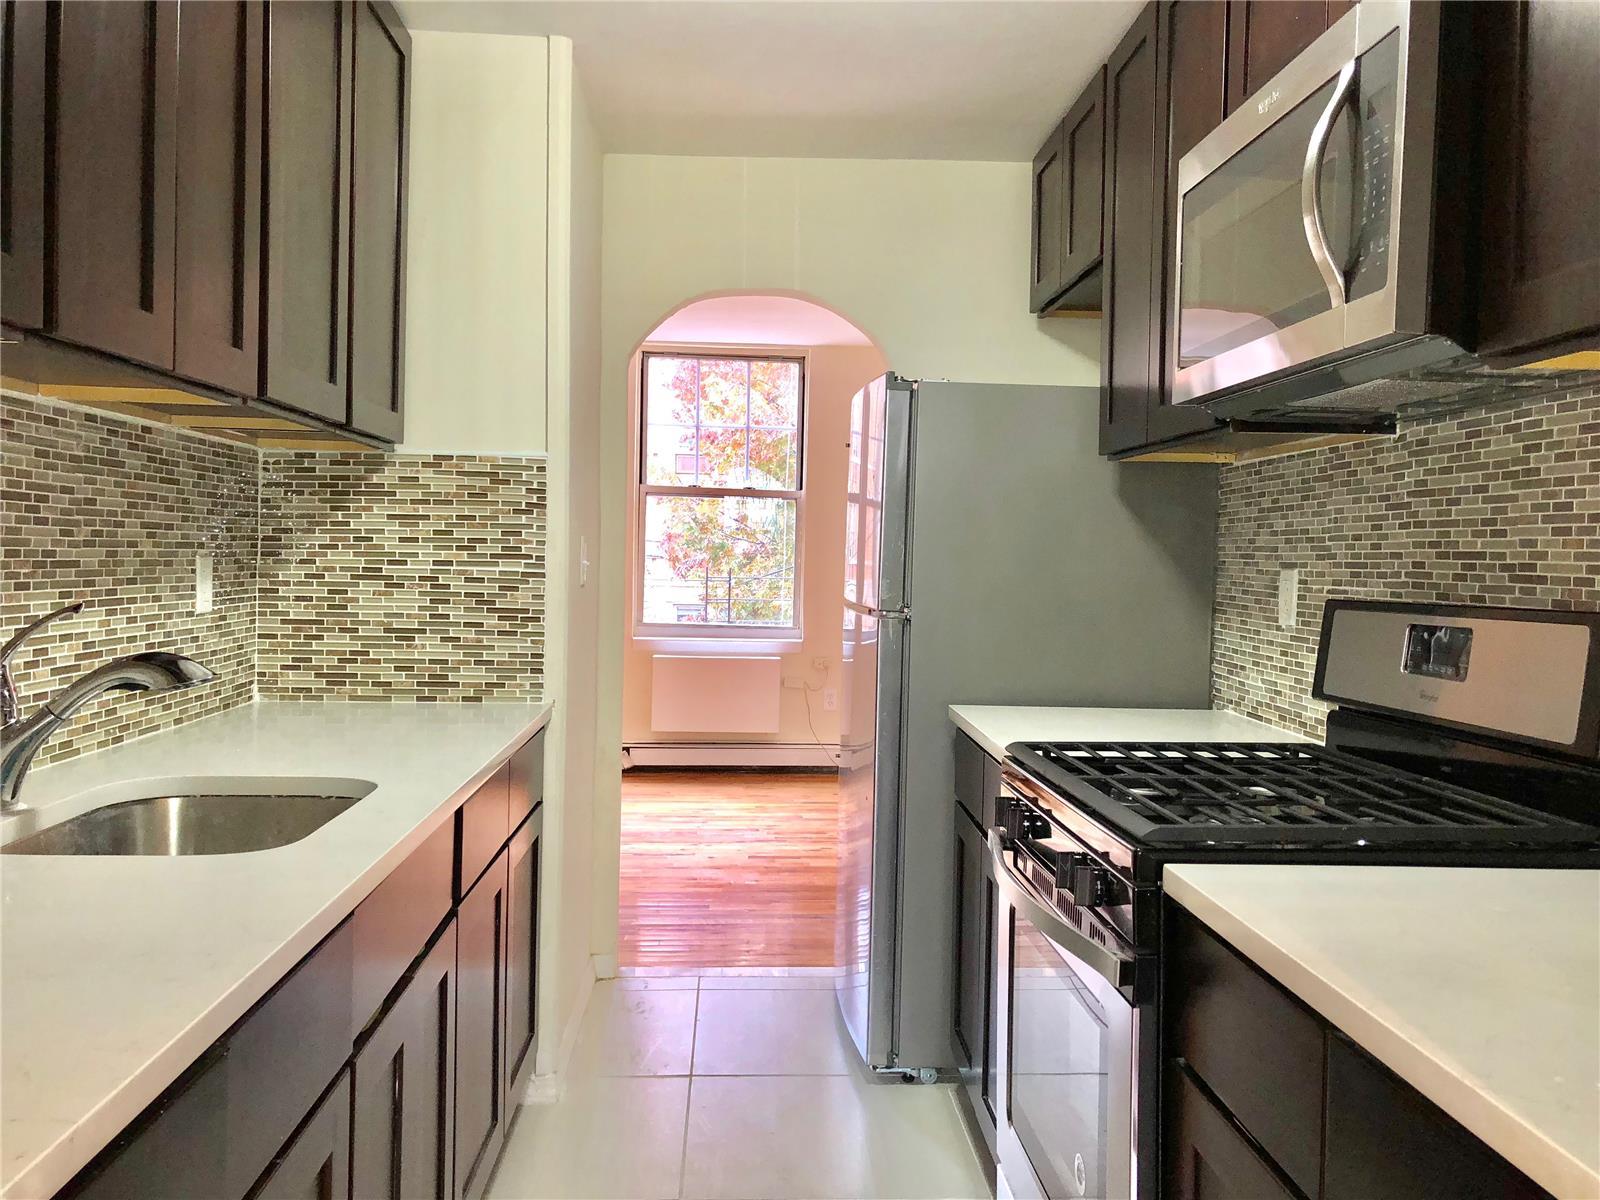 465 East 144th Street Mott Haven Bronx NY 10454